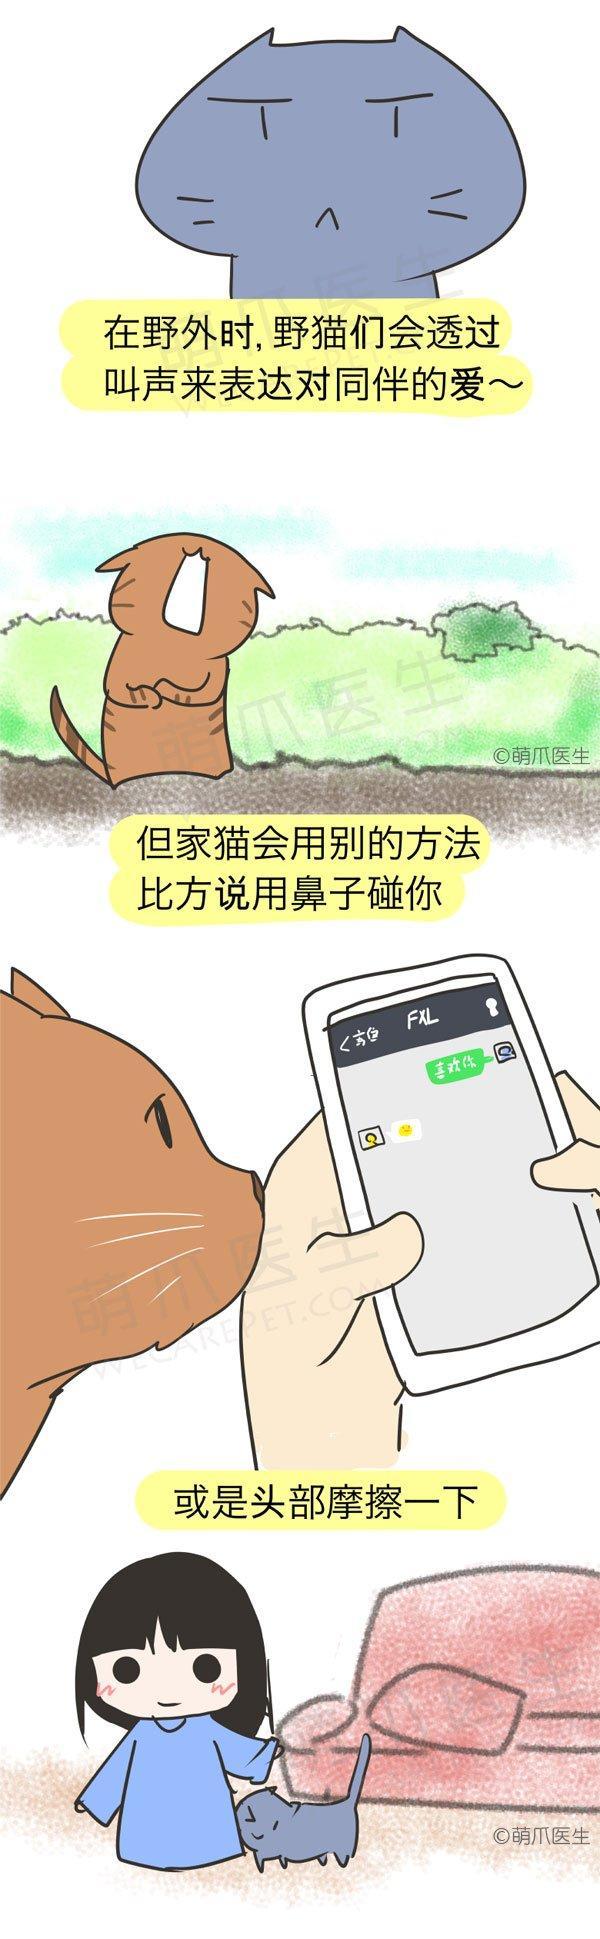 漫画 | 猫狗爱你的方式,你明白么?